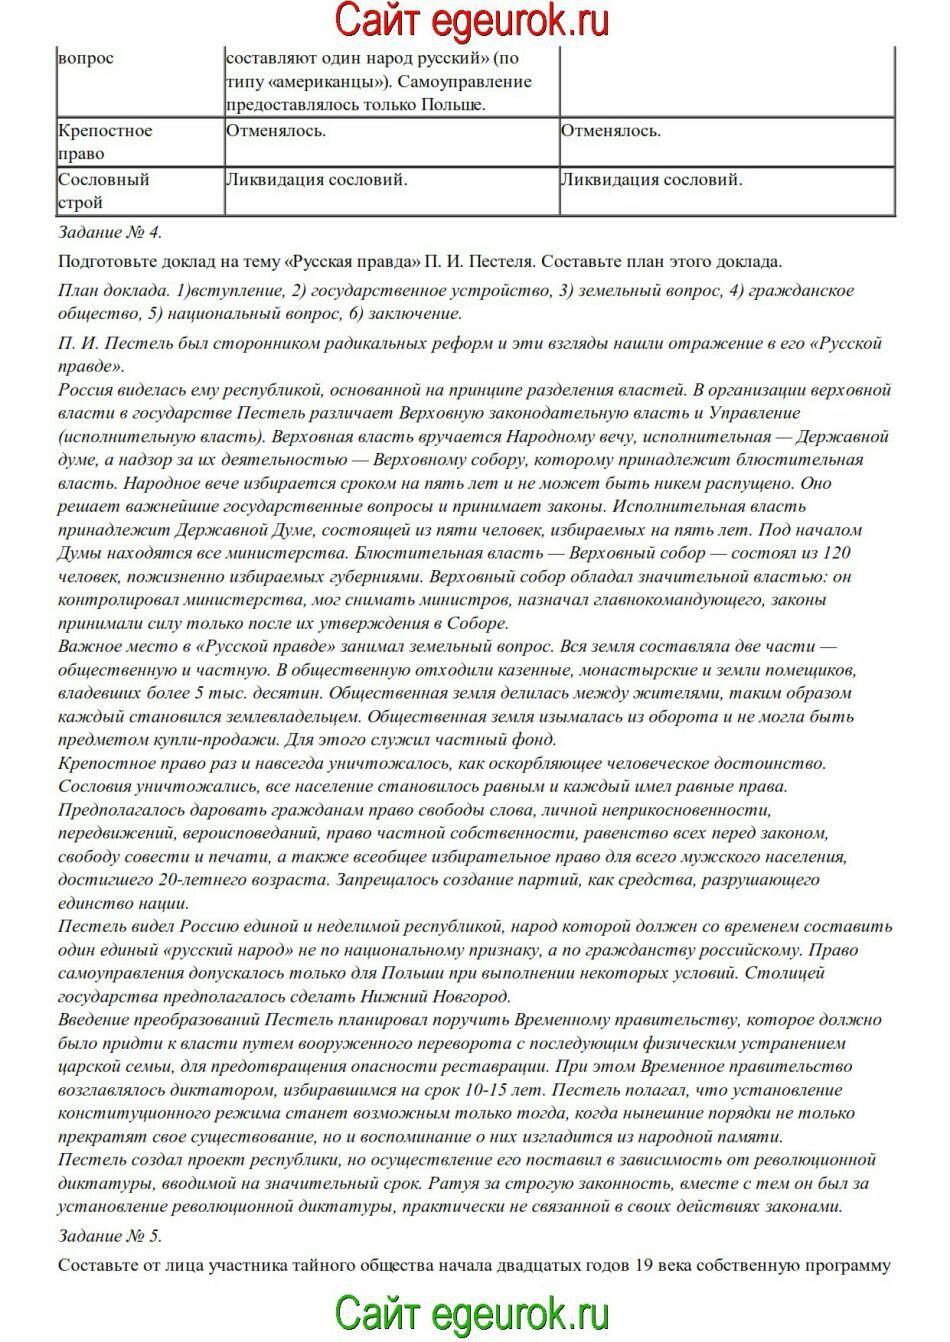 Списывай.ру 5 класс математика виленкин жохов чесноков шварцбурд контрольная работа